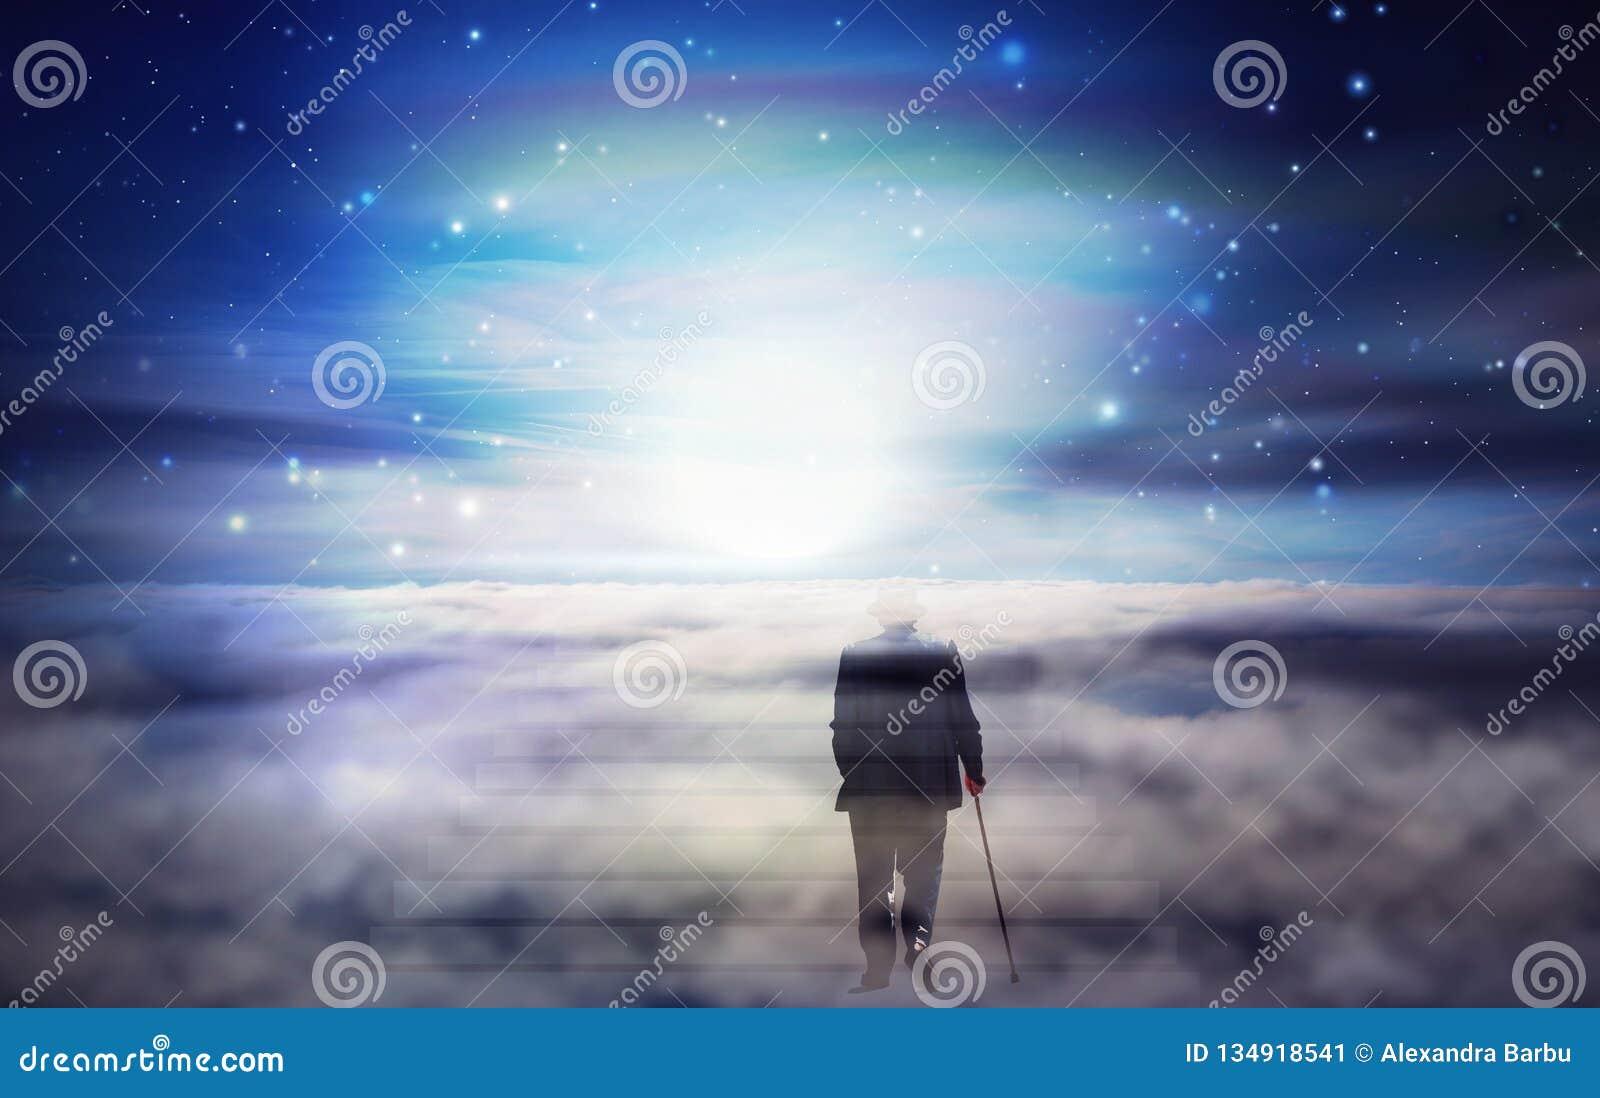 De oude reis van de mensenziel, Helder licht van hemel, Manier aan God